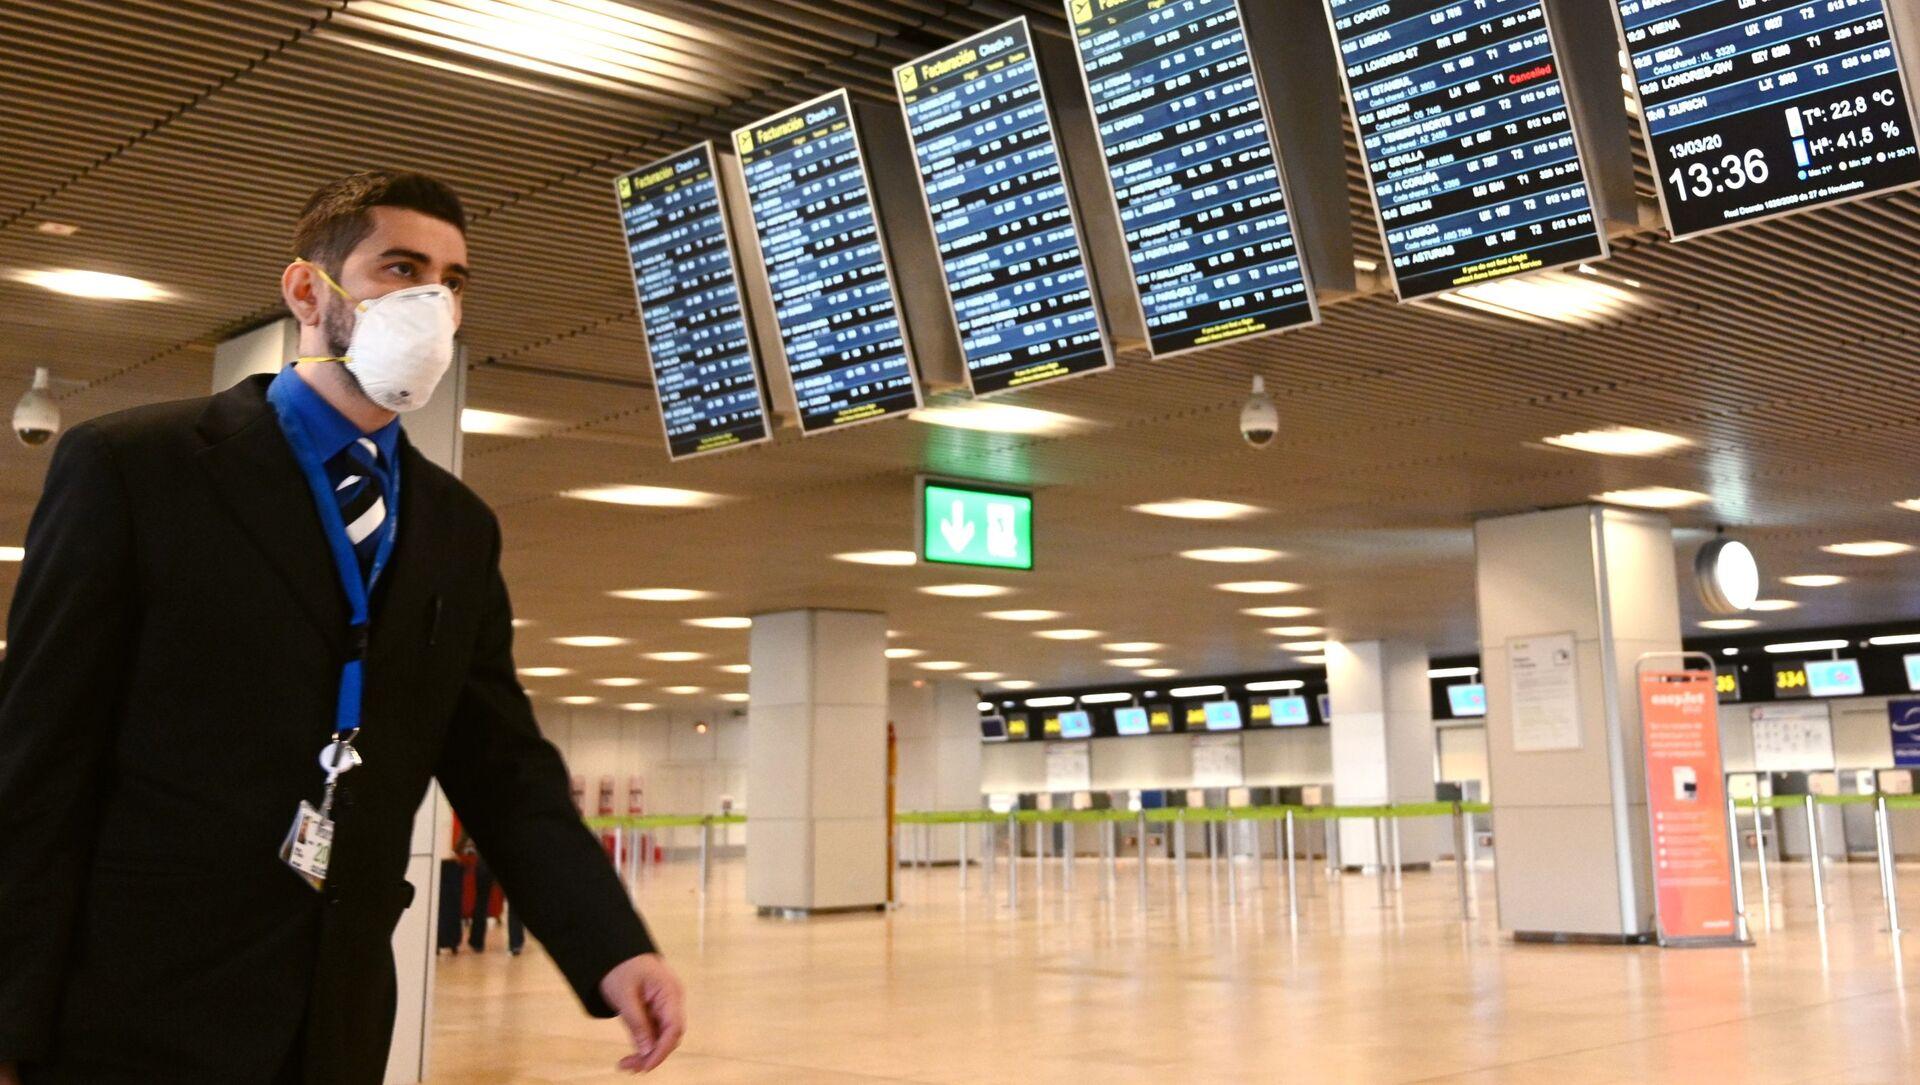 Un hombre en mascarilla en el aeropuerto de Barajas, Madrid - Sputnik Mundo, 1920, 09.02.2021